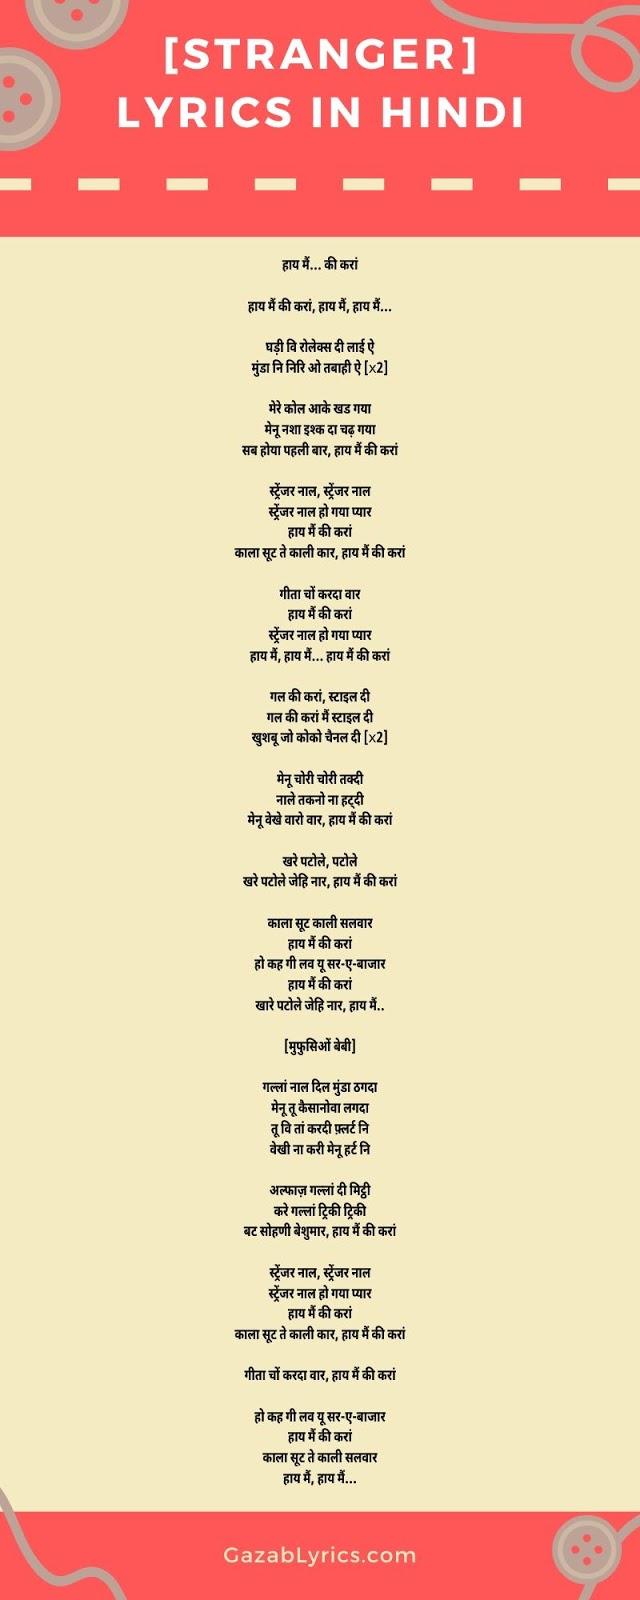 Stranger Lyrics in Hindi Infograph